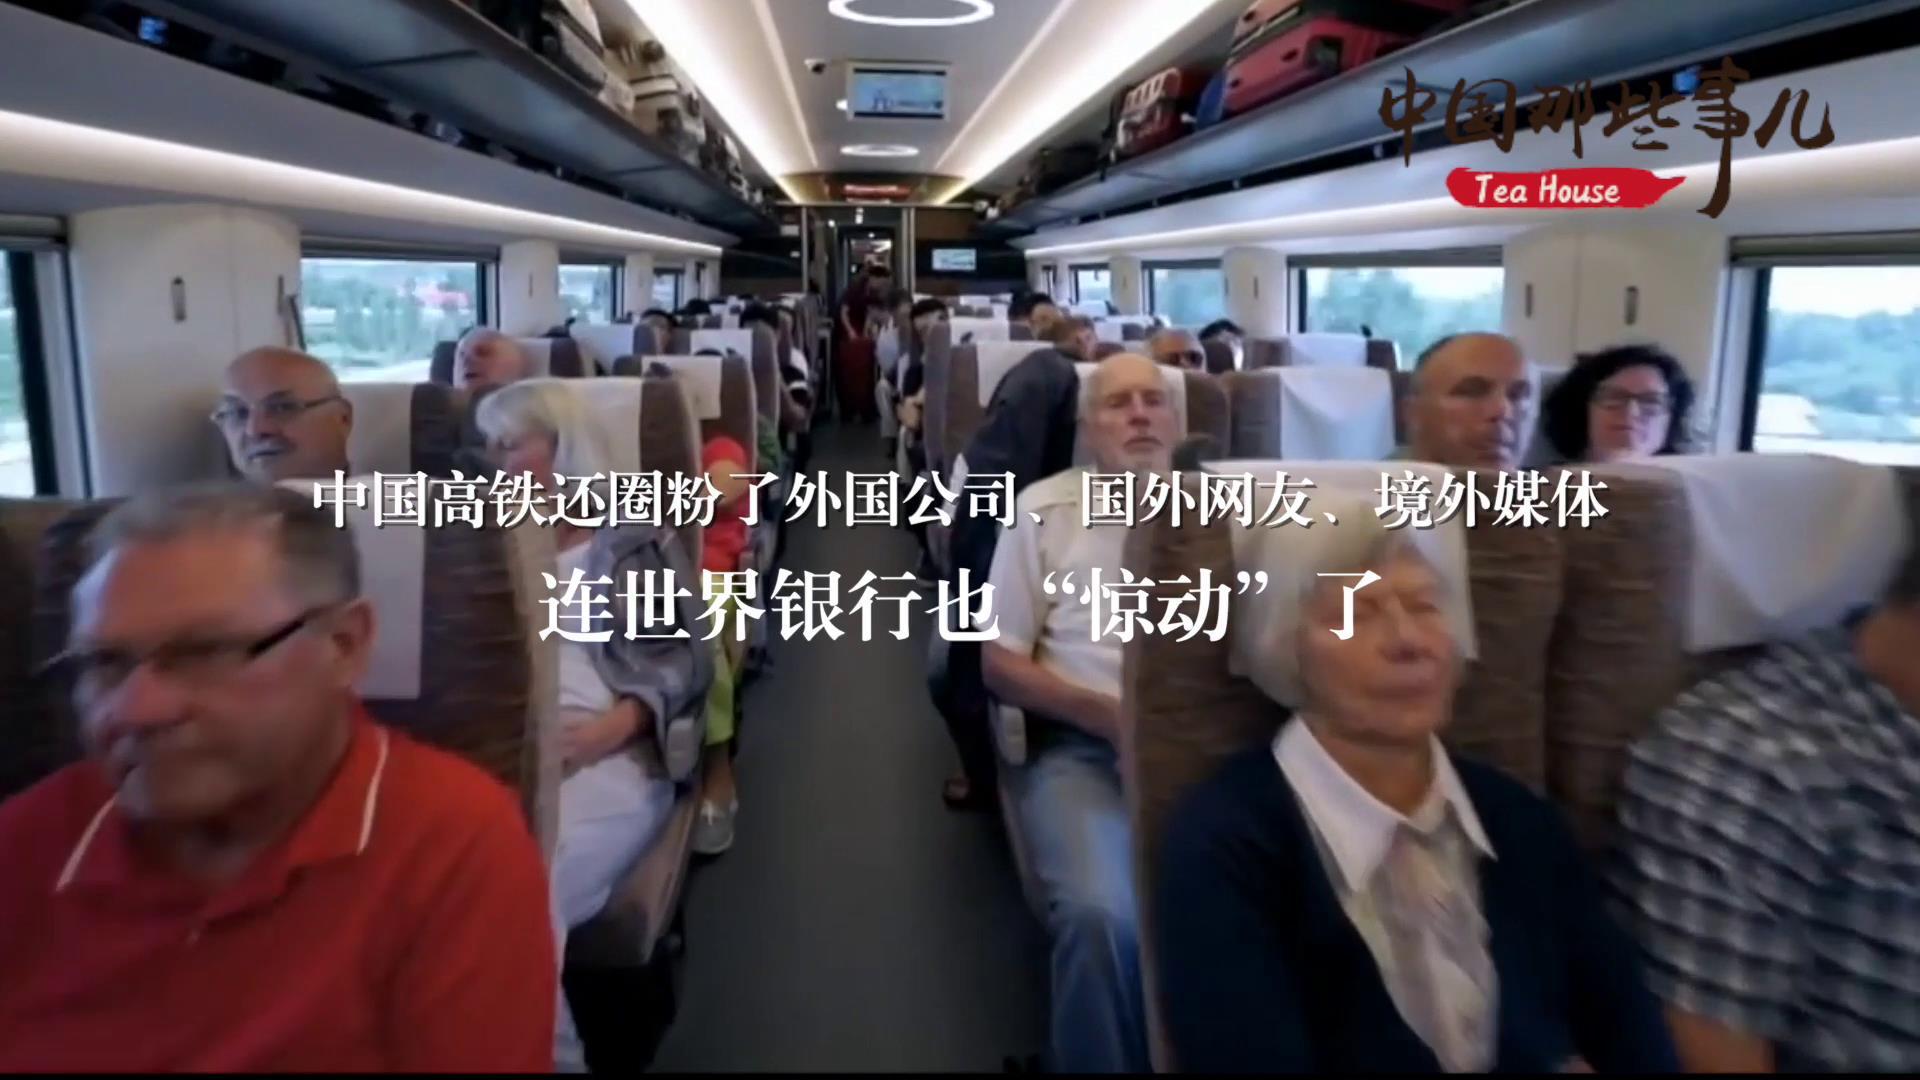 ‐中国那些事儿/ ^歪果仁 ̄又来安利中国高铁了图片